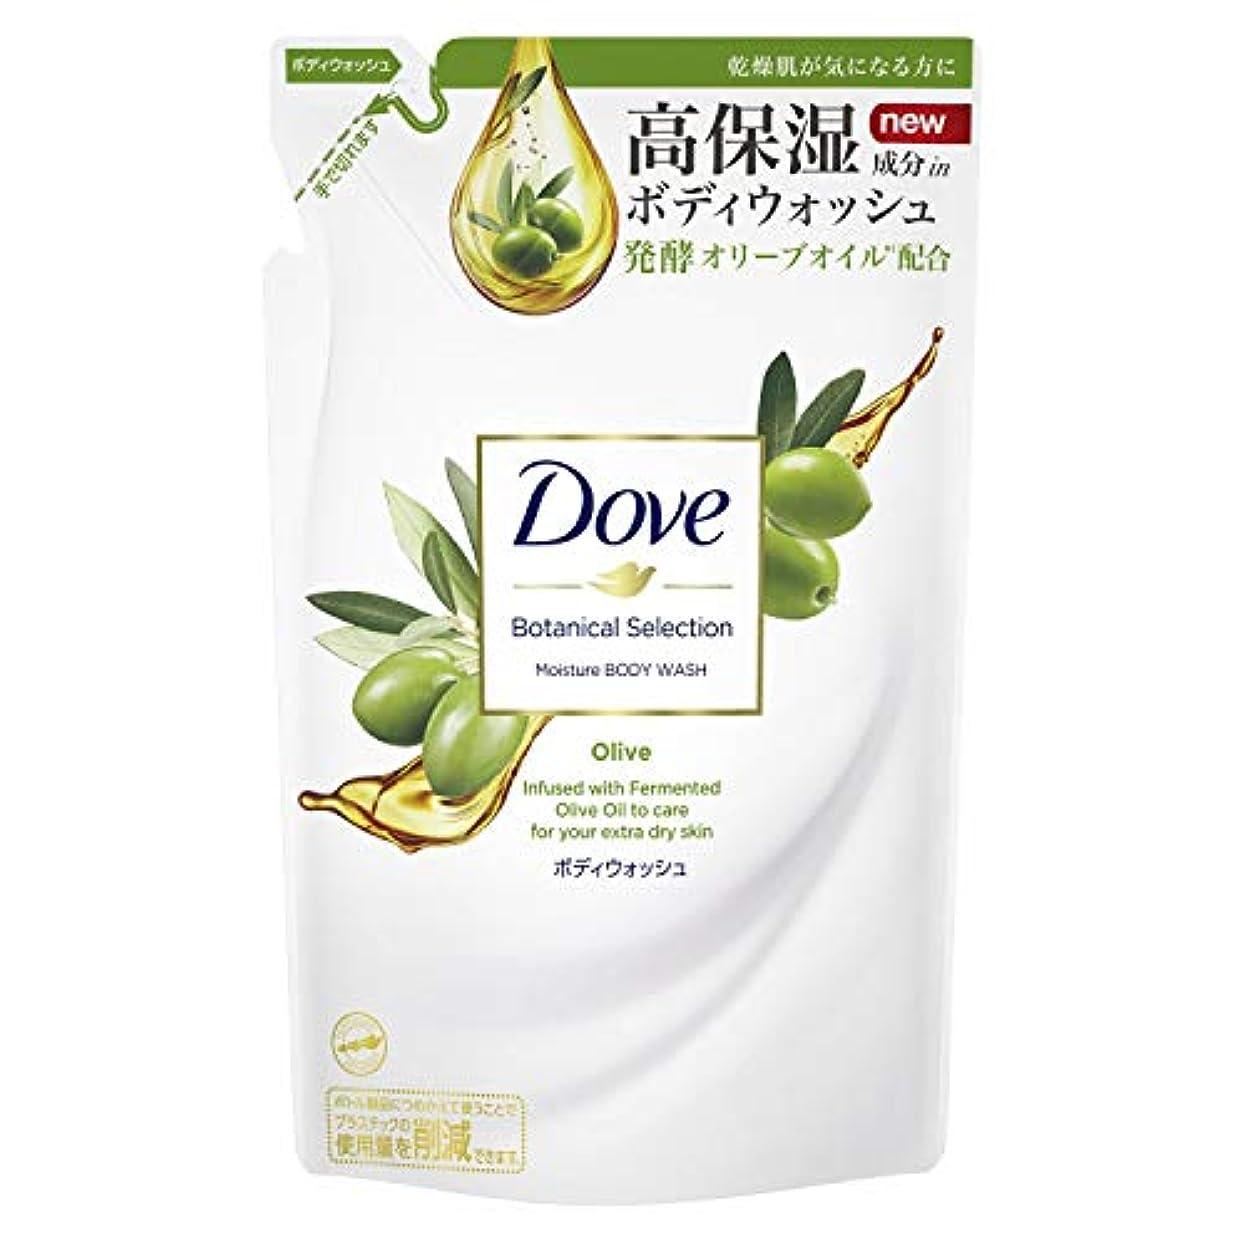 副詞ラップ毎月Dove(ダヴ) ダヴ ボディウォッシュ ボタニカルセレクション オリーブ つめかえ用 360g ボディソープ